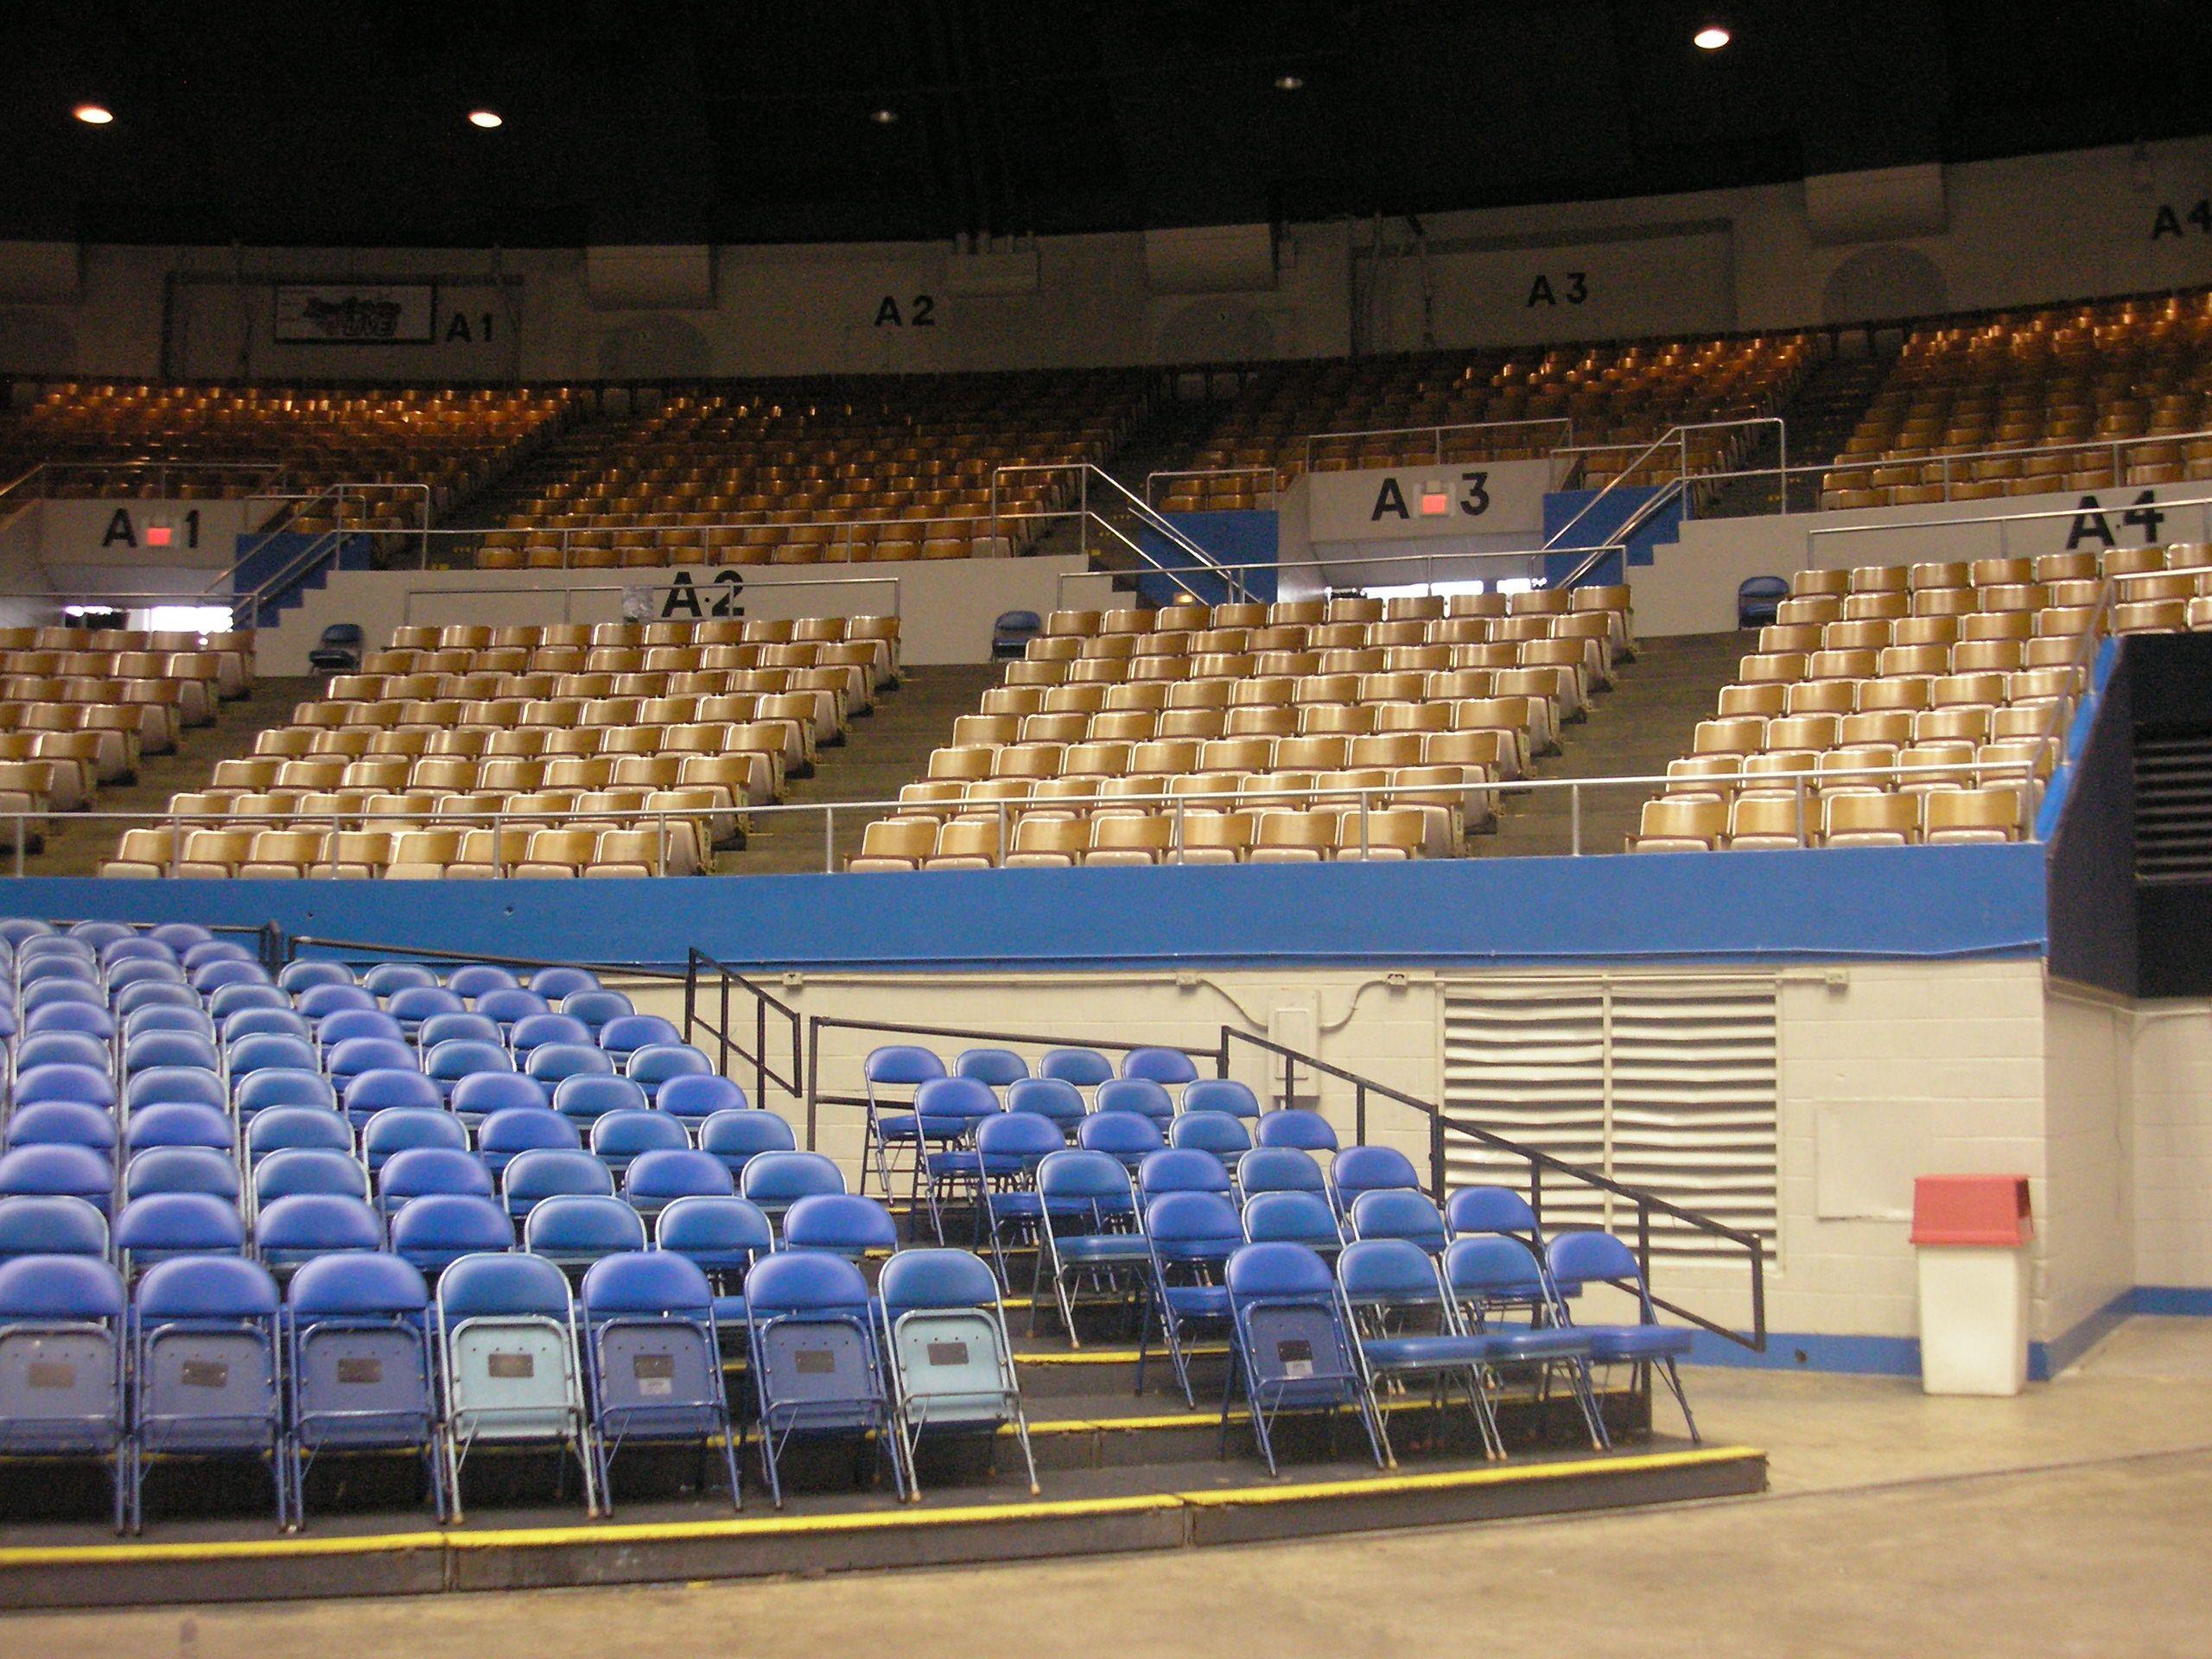 Nashville Municipal Auditorium Auditorium Seating Area With Risers At E 1 Auditorium Seating Seating Charts Stadium Architecture